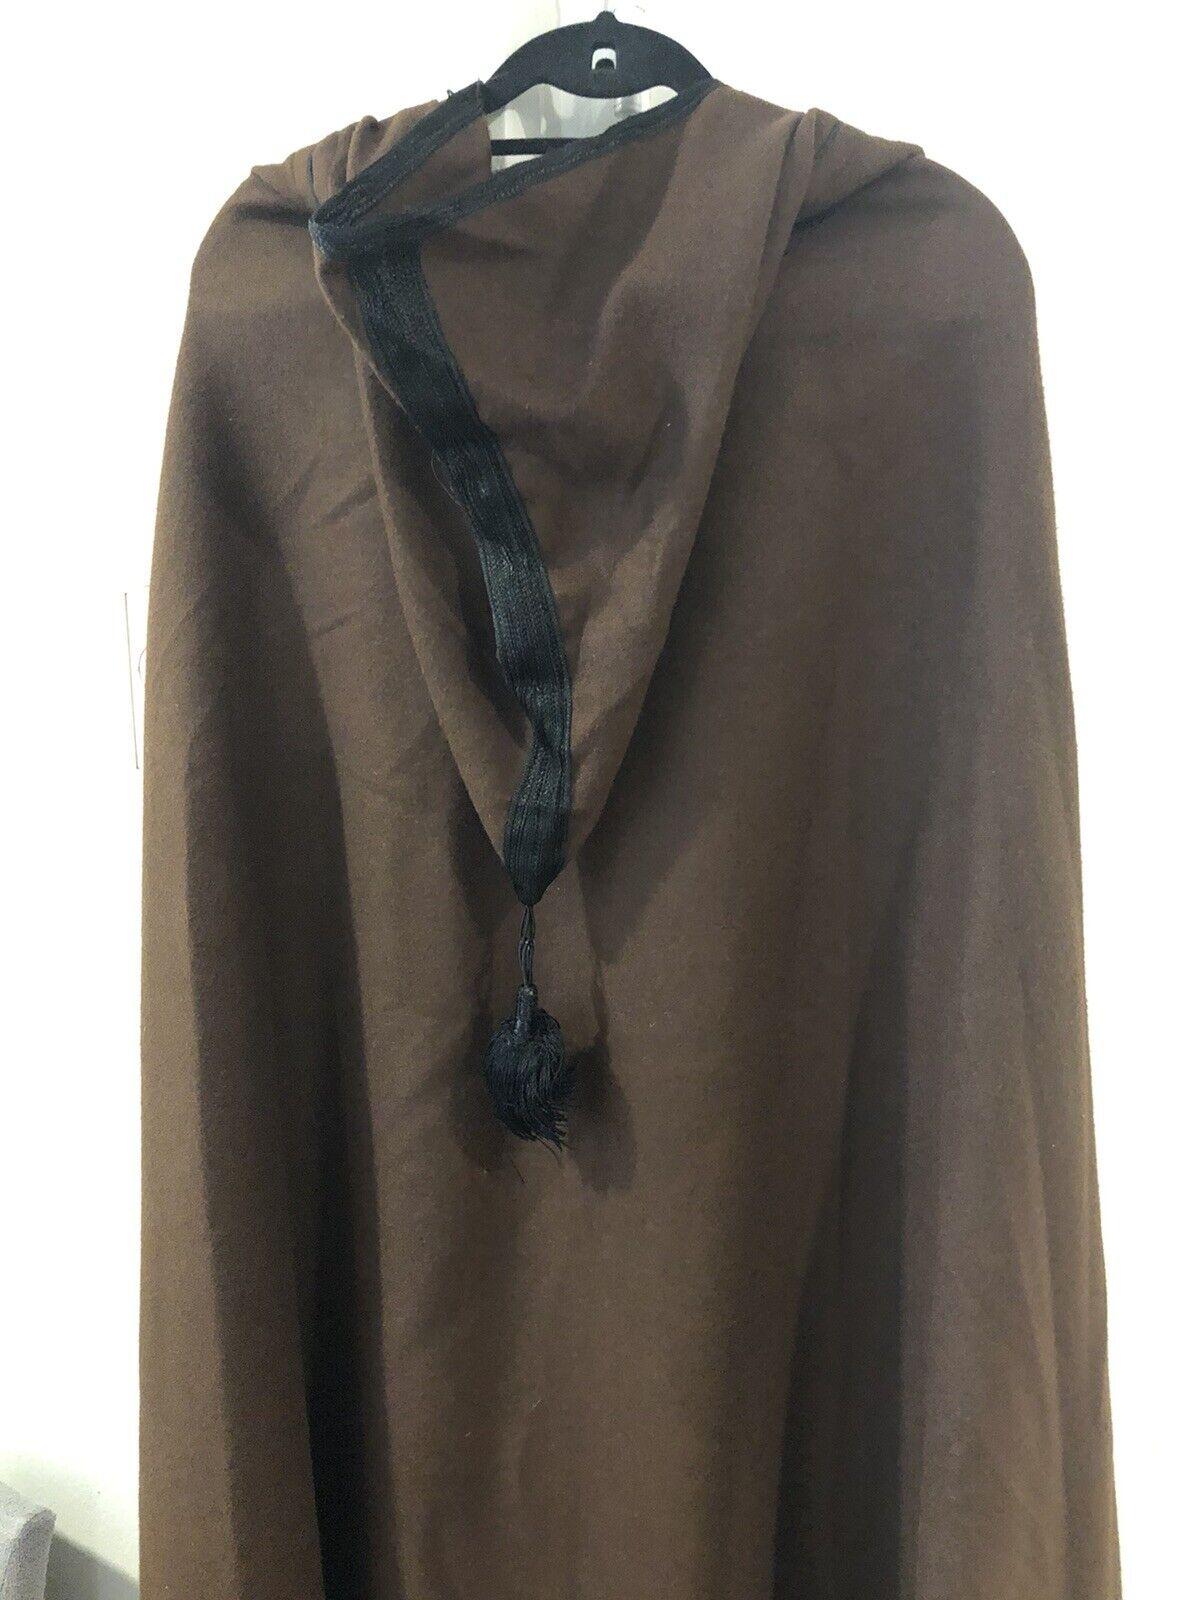 Handmade Moroccan wool cloak Brown Cloak With Hoo… - image 5